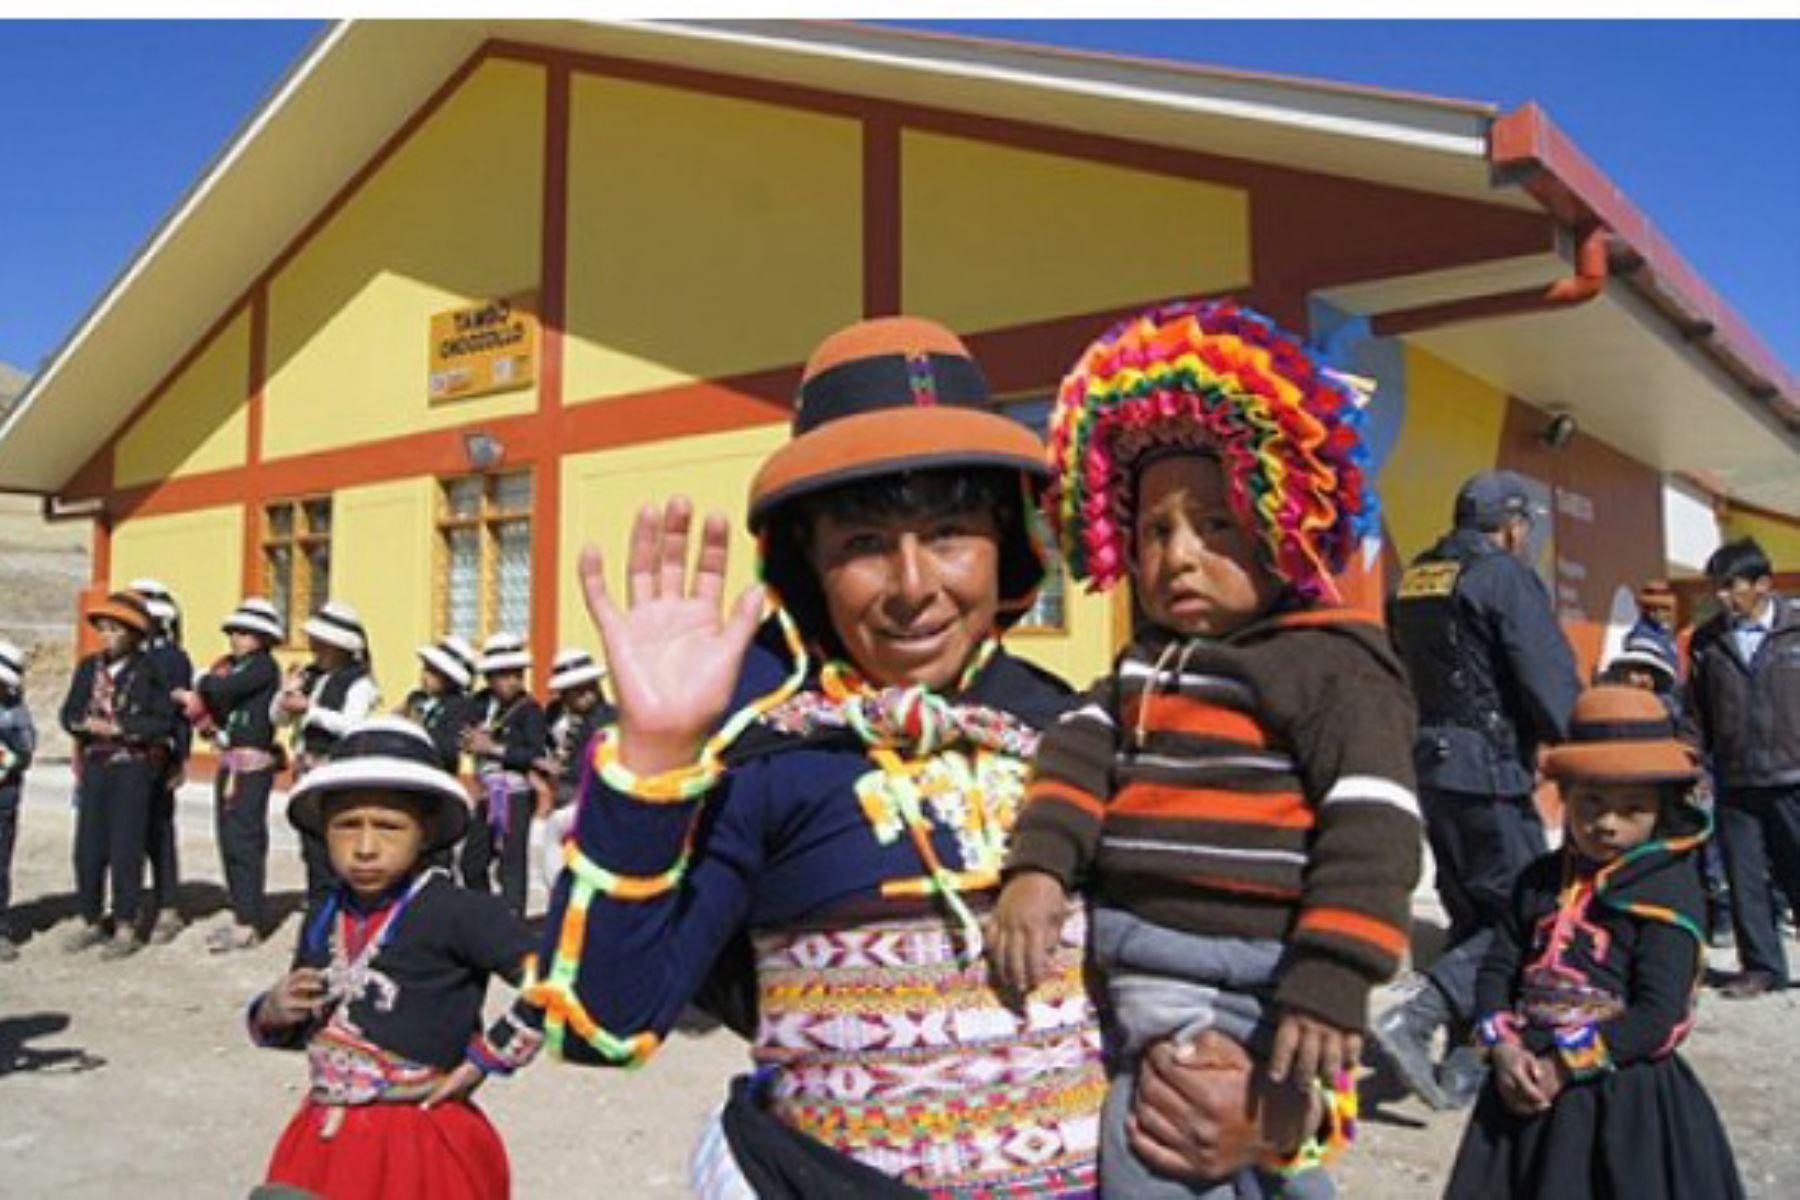 El Plan Multisectorial ante las Heladas y Friaje 2018 considera la atención de las comunidades vulnerables ante las bajas temperaturas mediante los Tambos del Programa Nacional PAIS del Ministerio de Desarrollo e Inclusión Social (Midis),